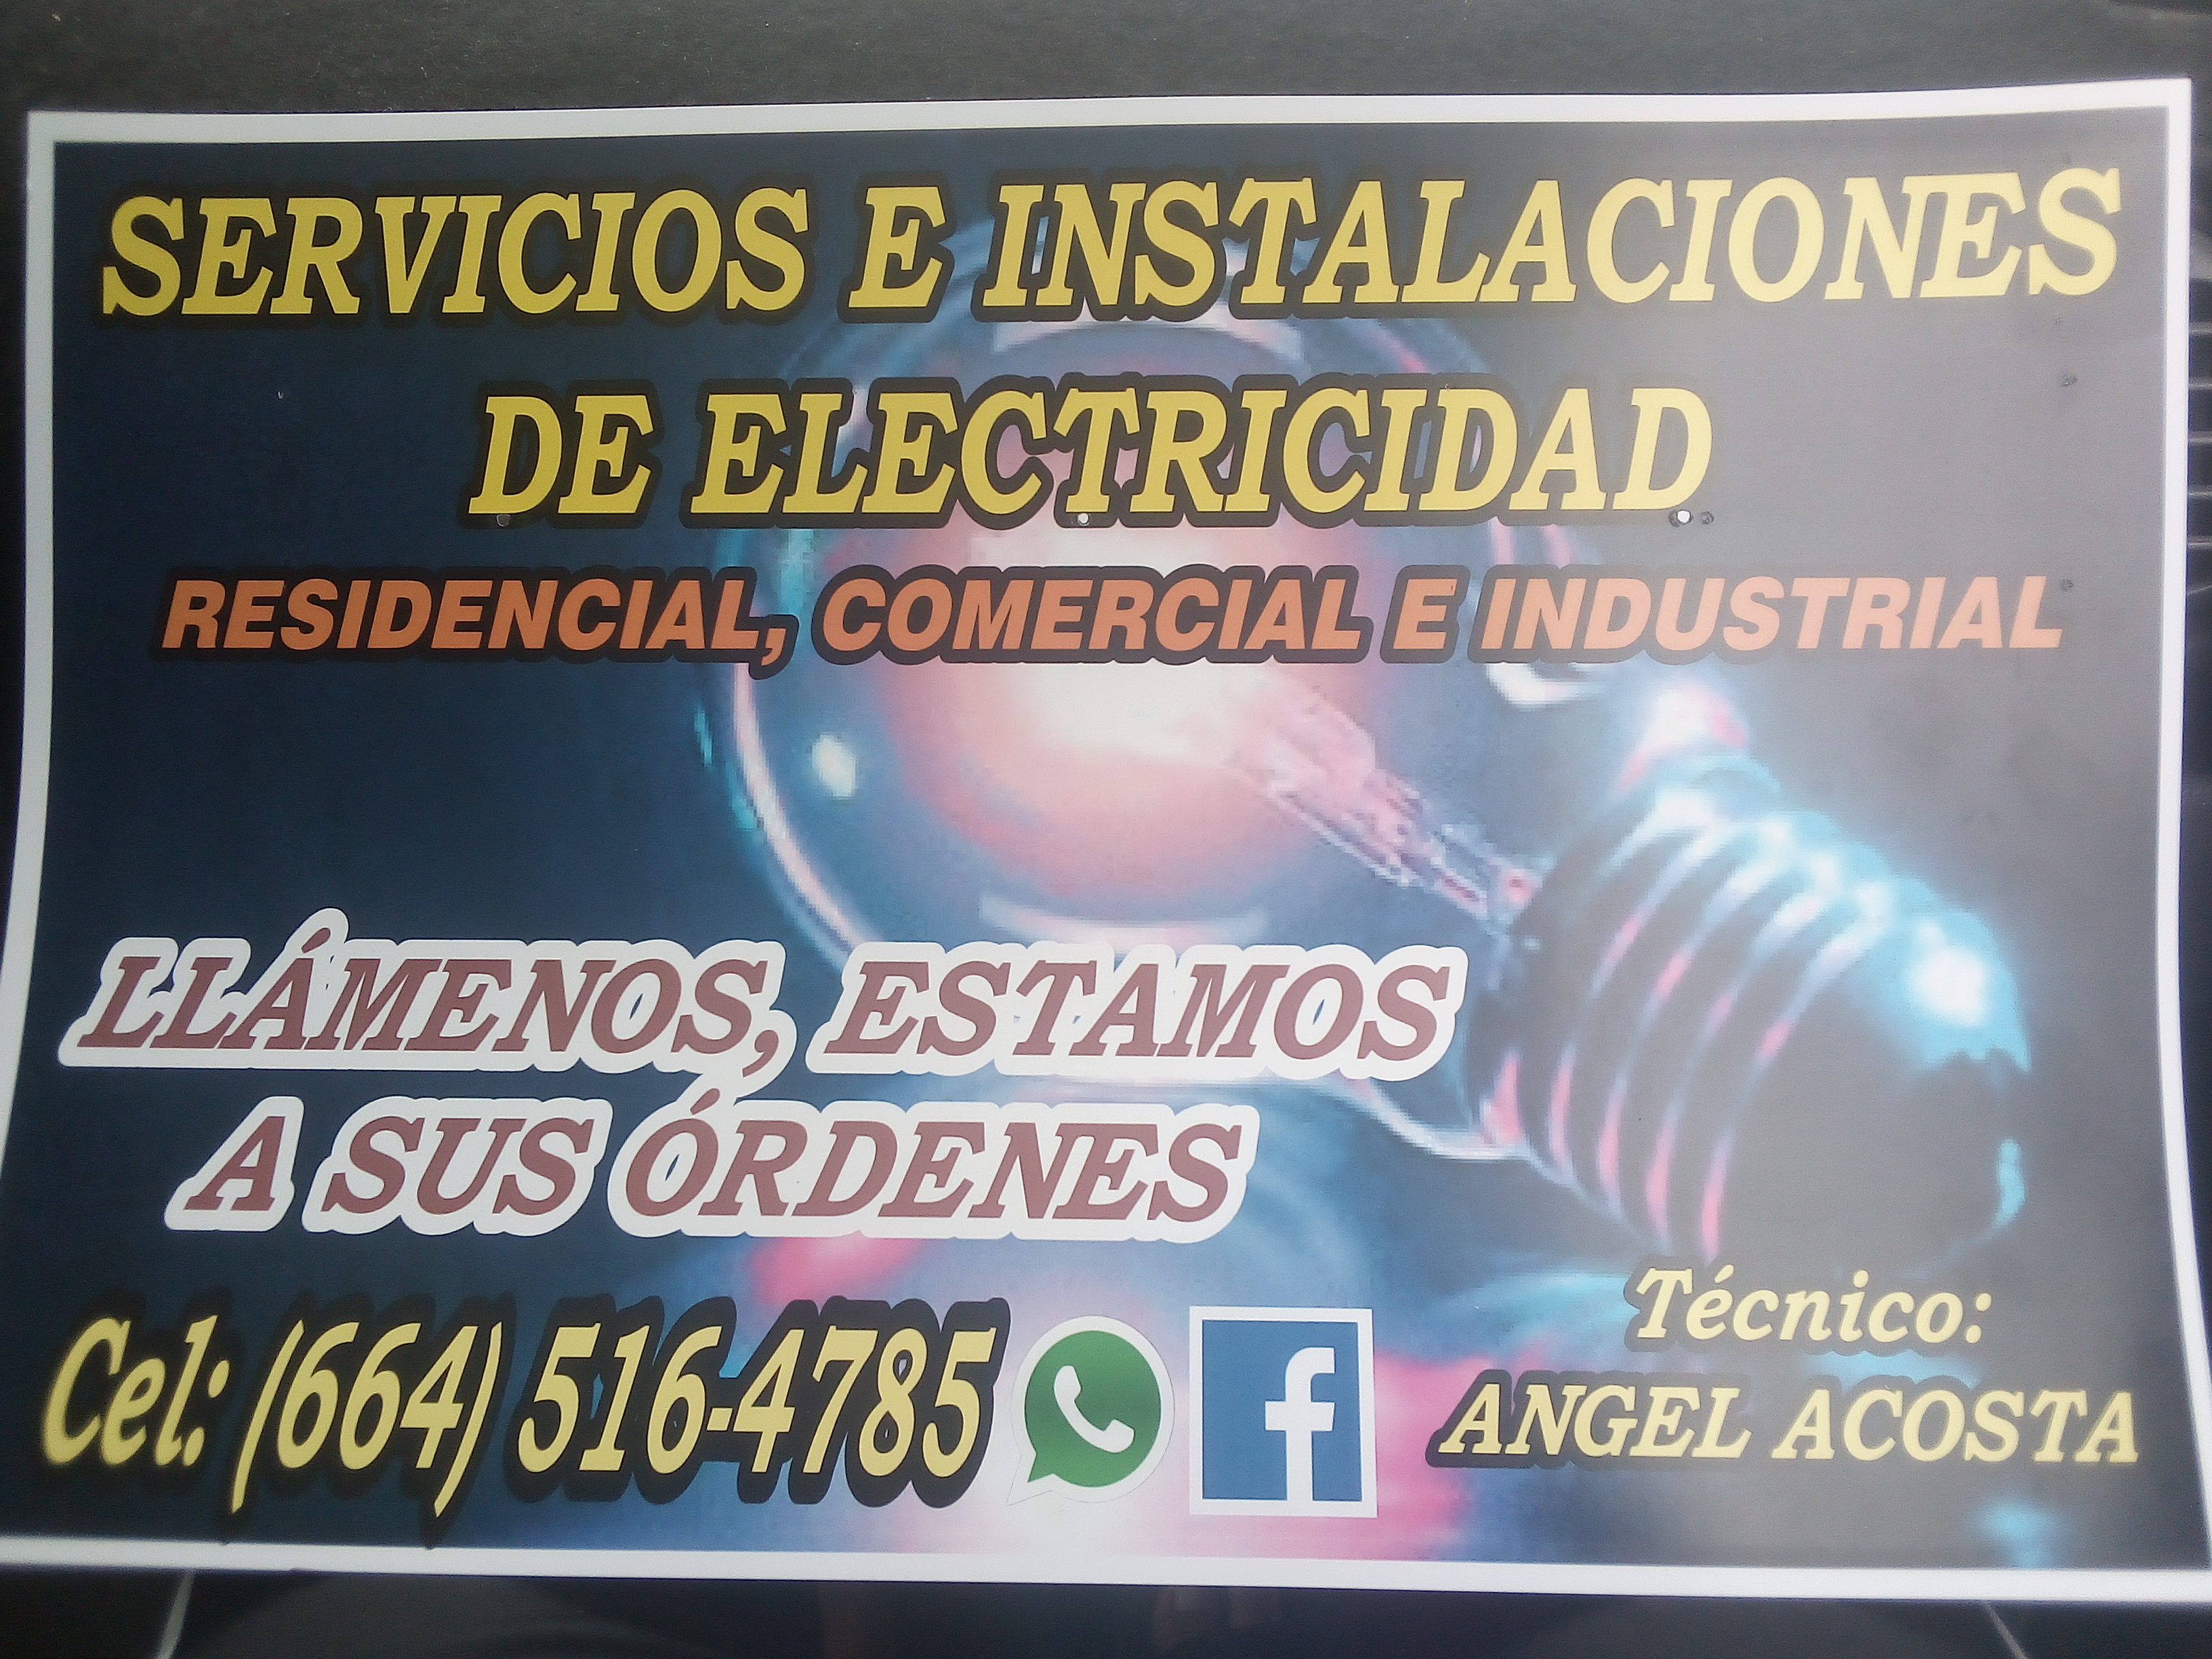 Servicios Eh Instalaciones De Electricidad